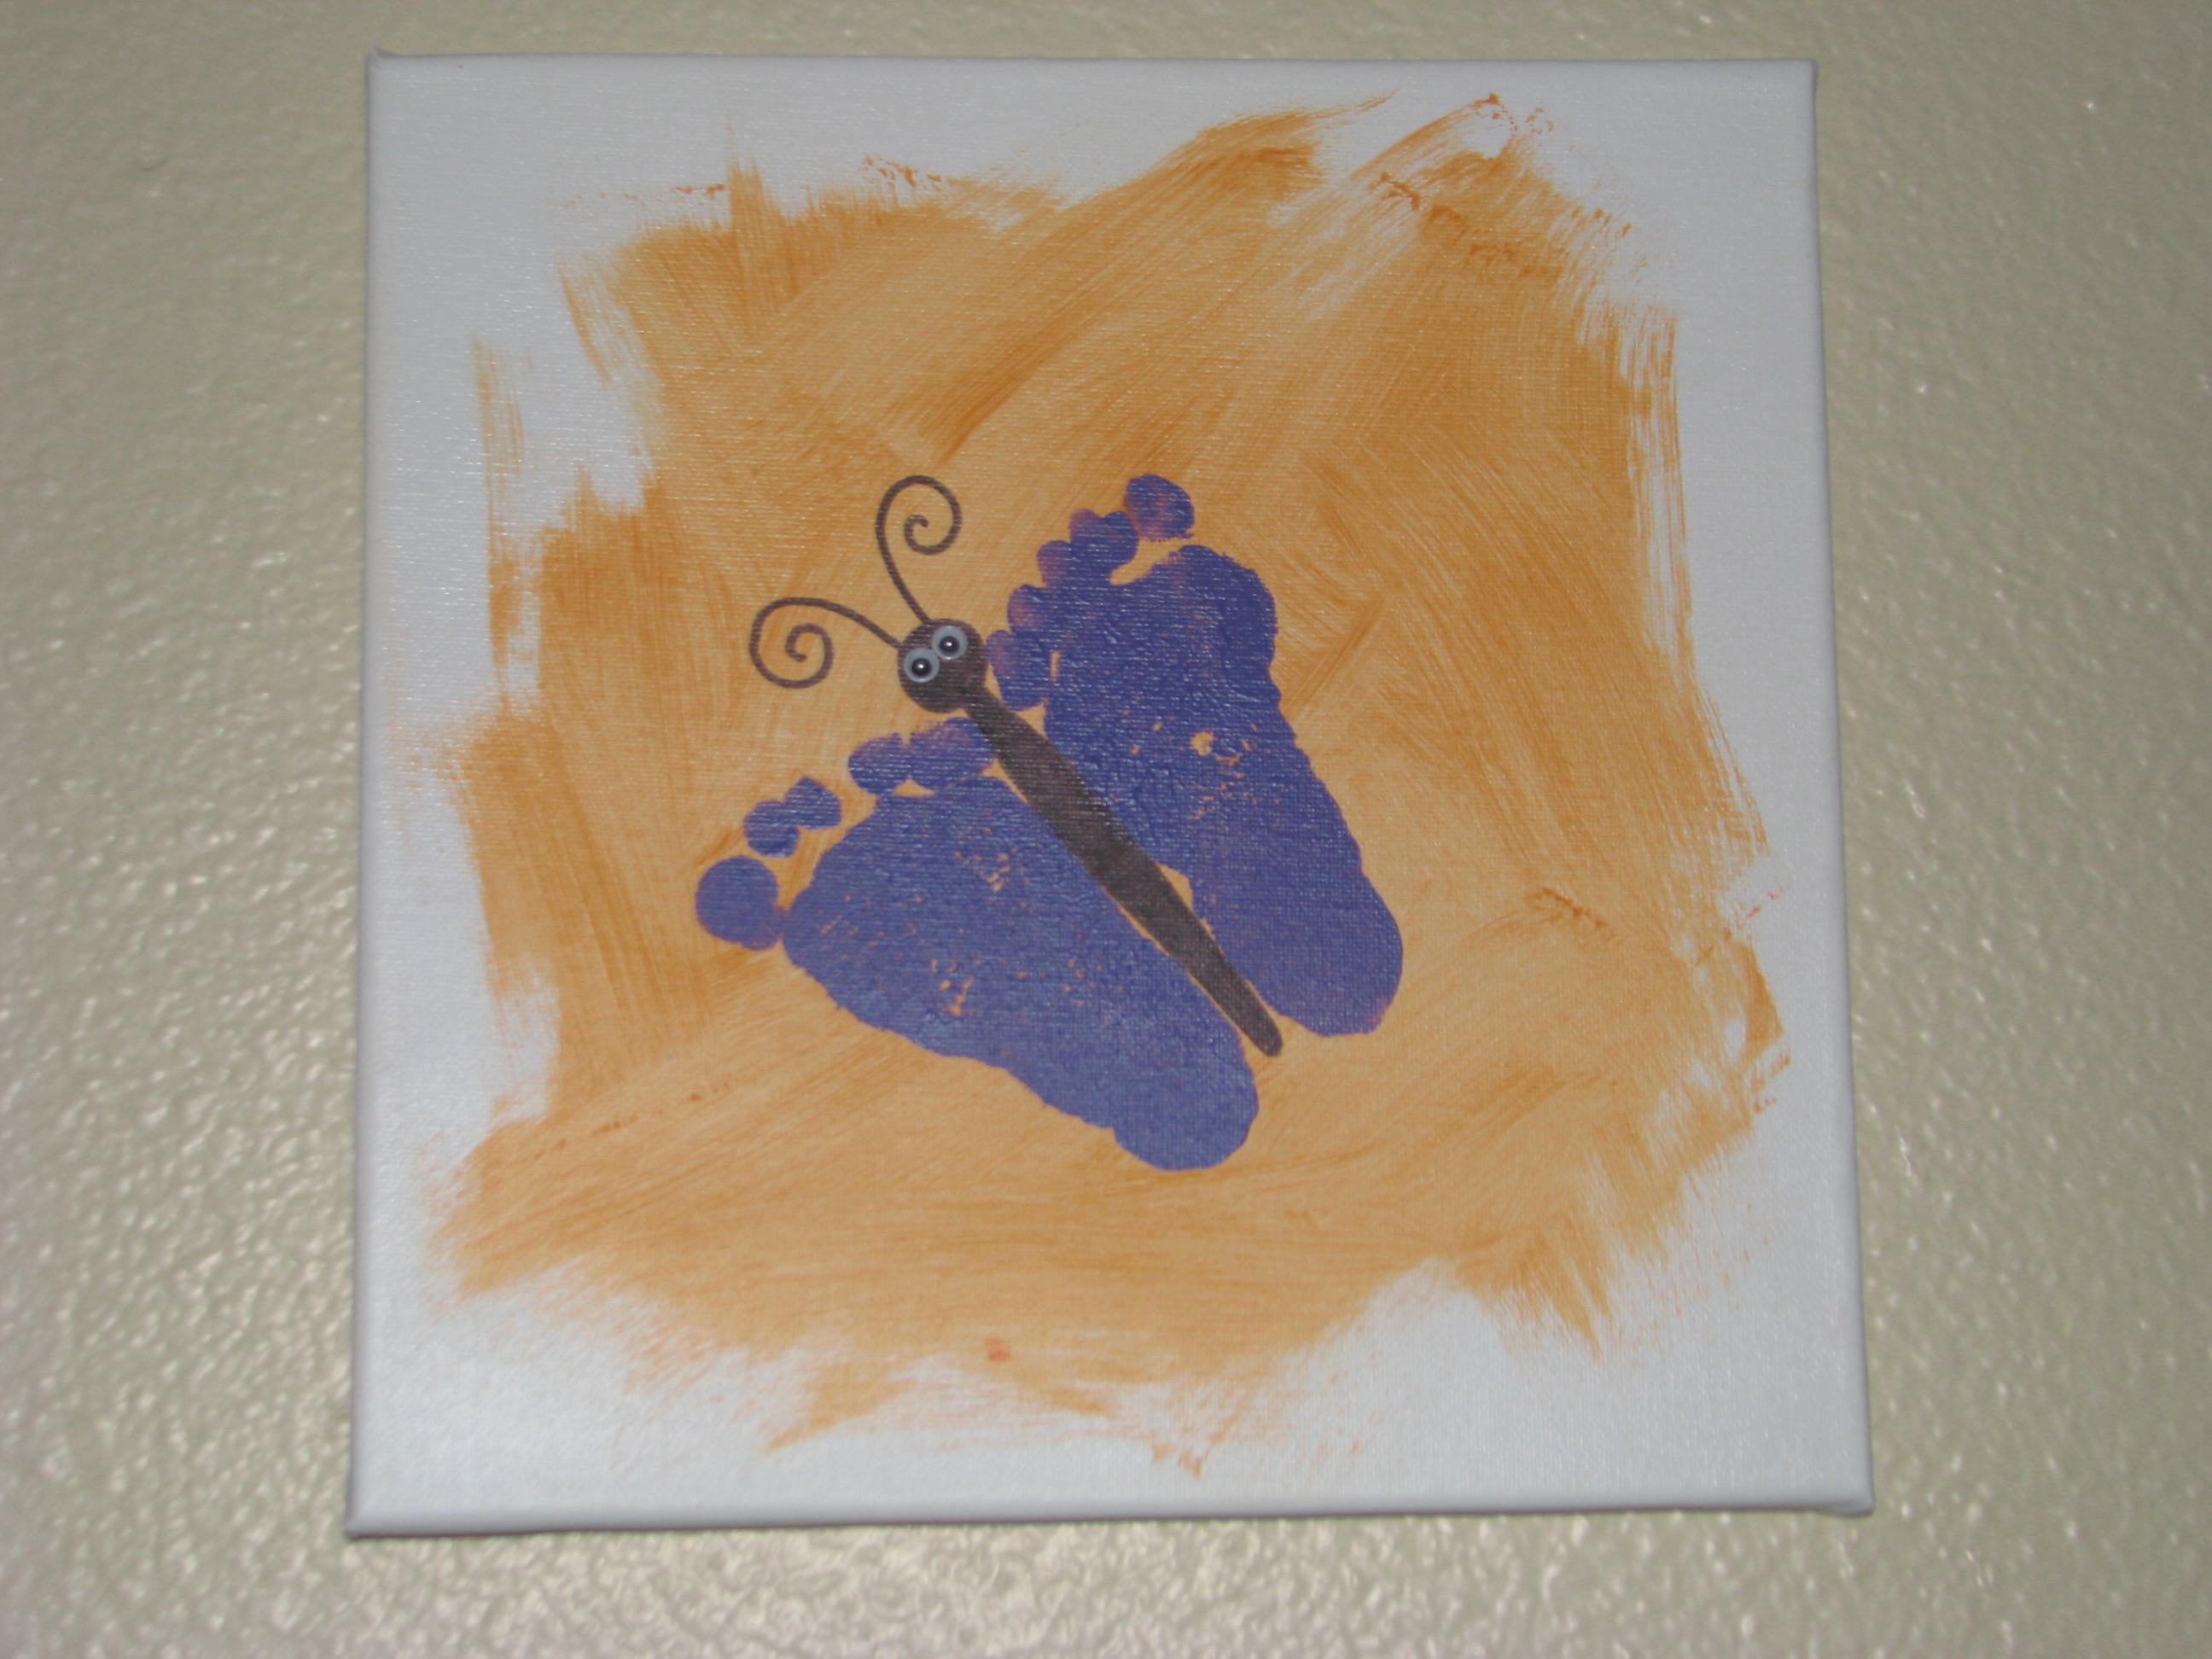 Handprint and footprint art ideas